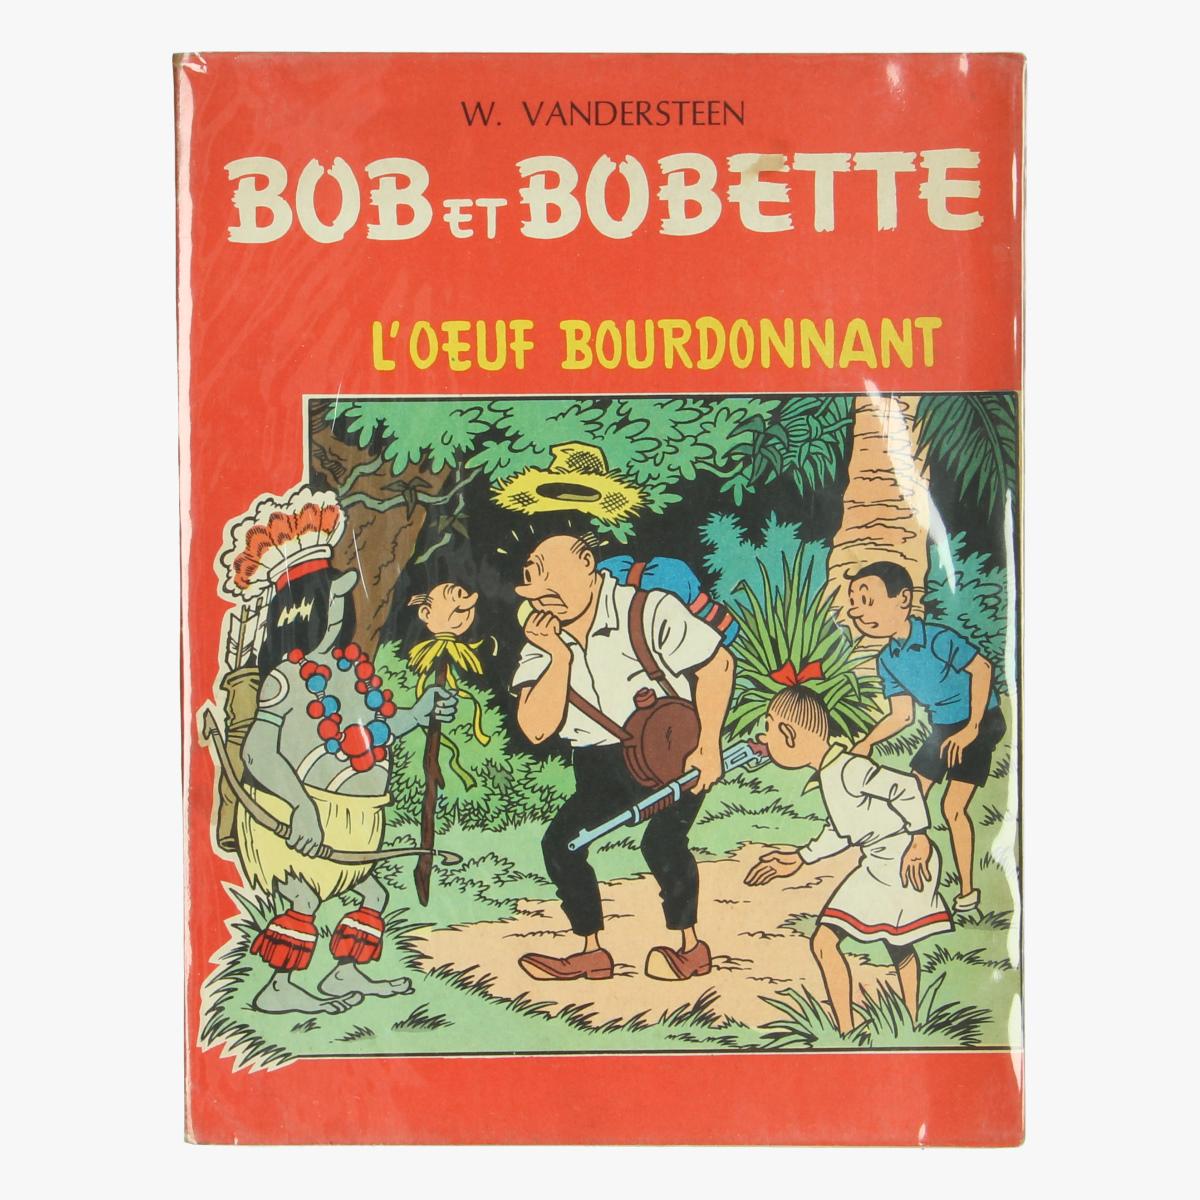 Afbeeldingen van Bob et bobette l'oeuf bourdonnant